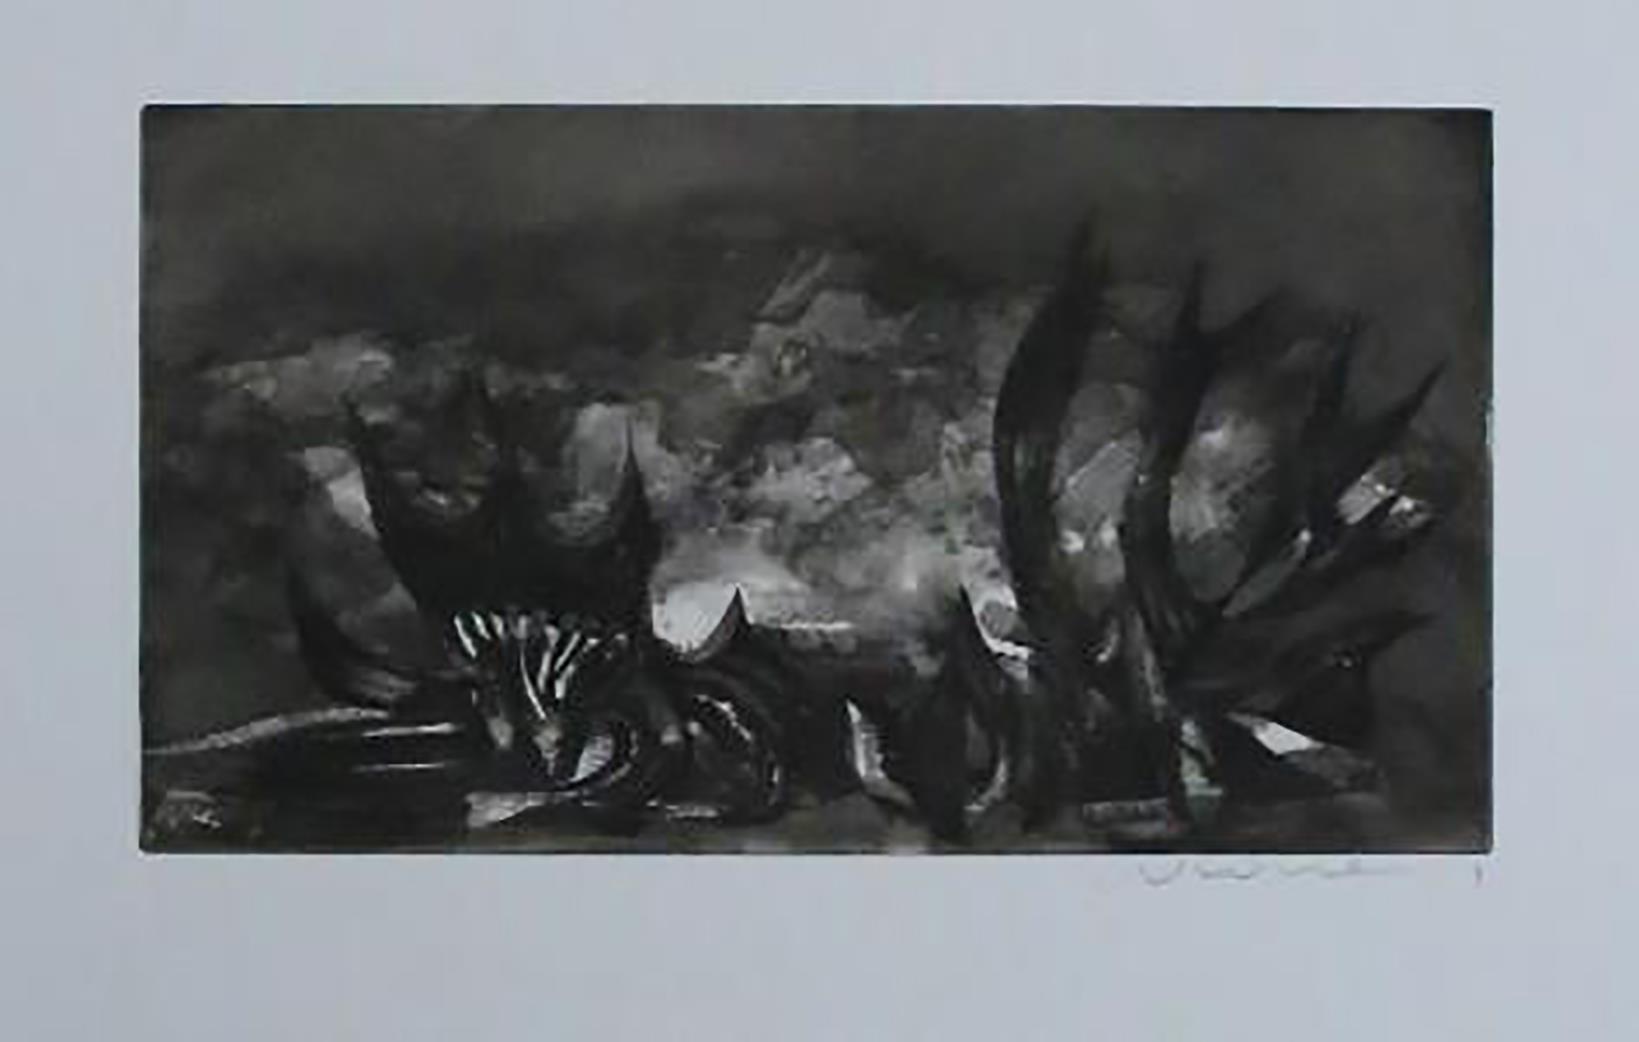 o.T, abstrakte Moderne Kunst: W*****y Unleserlich